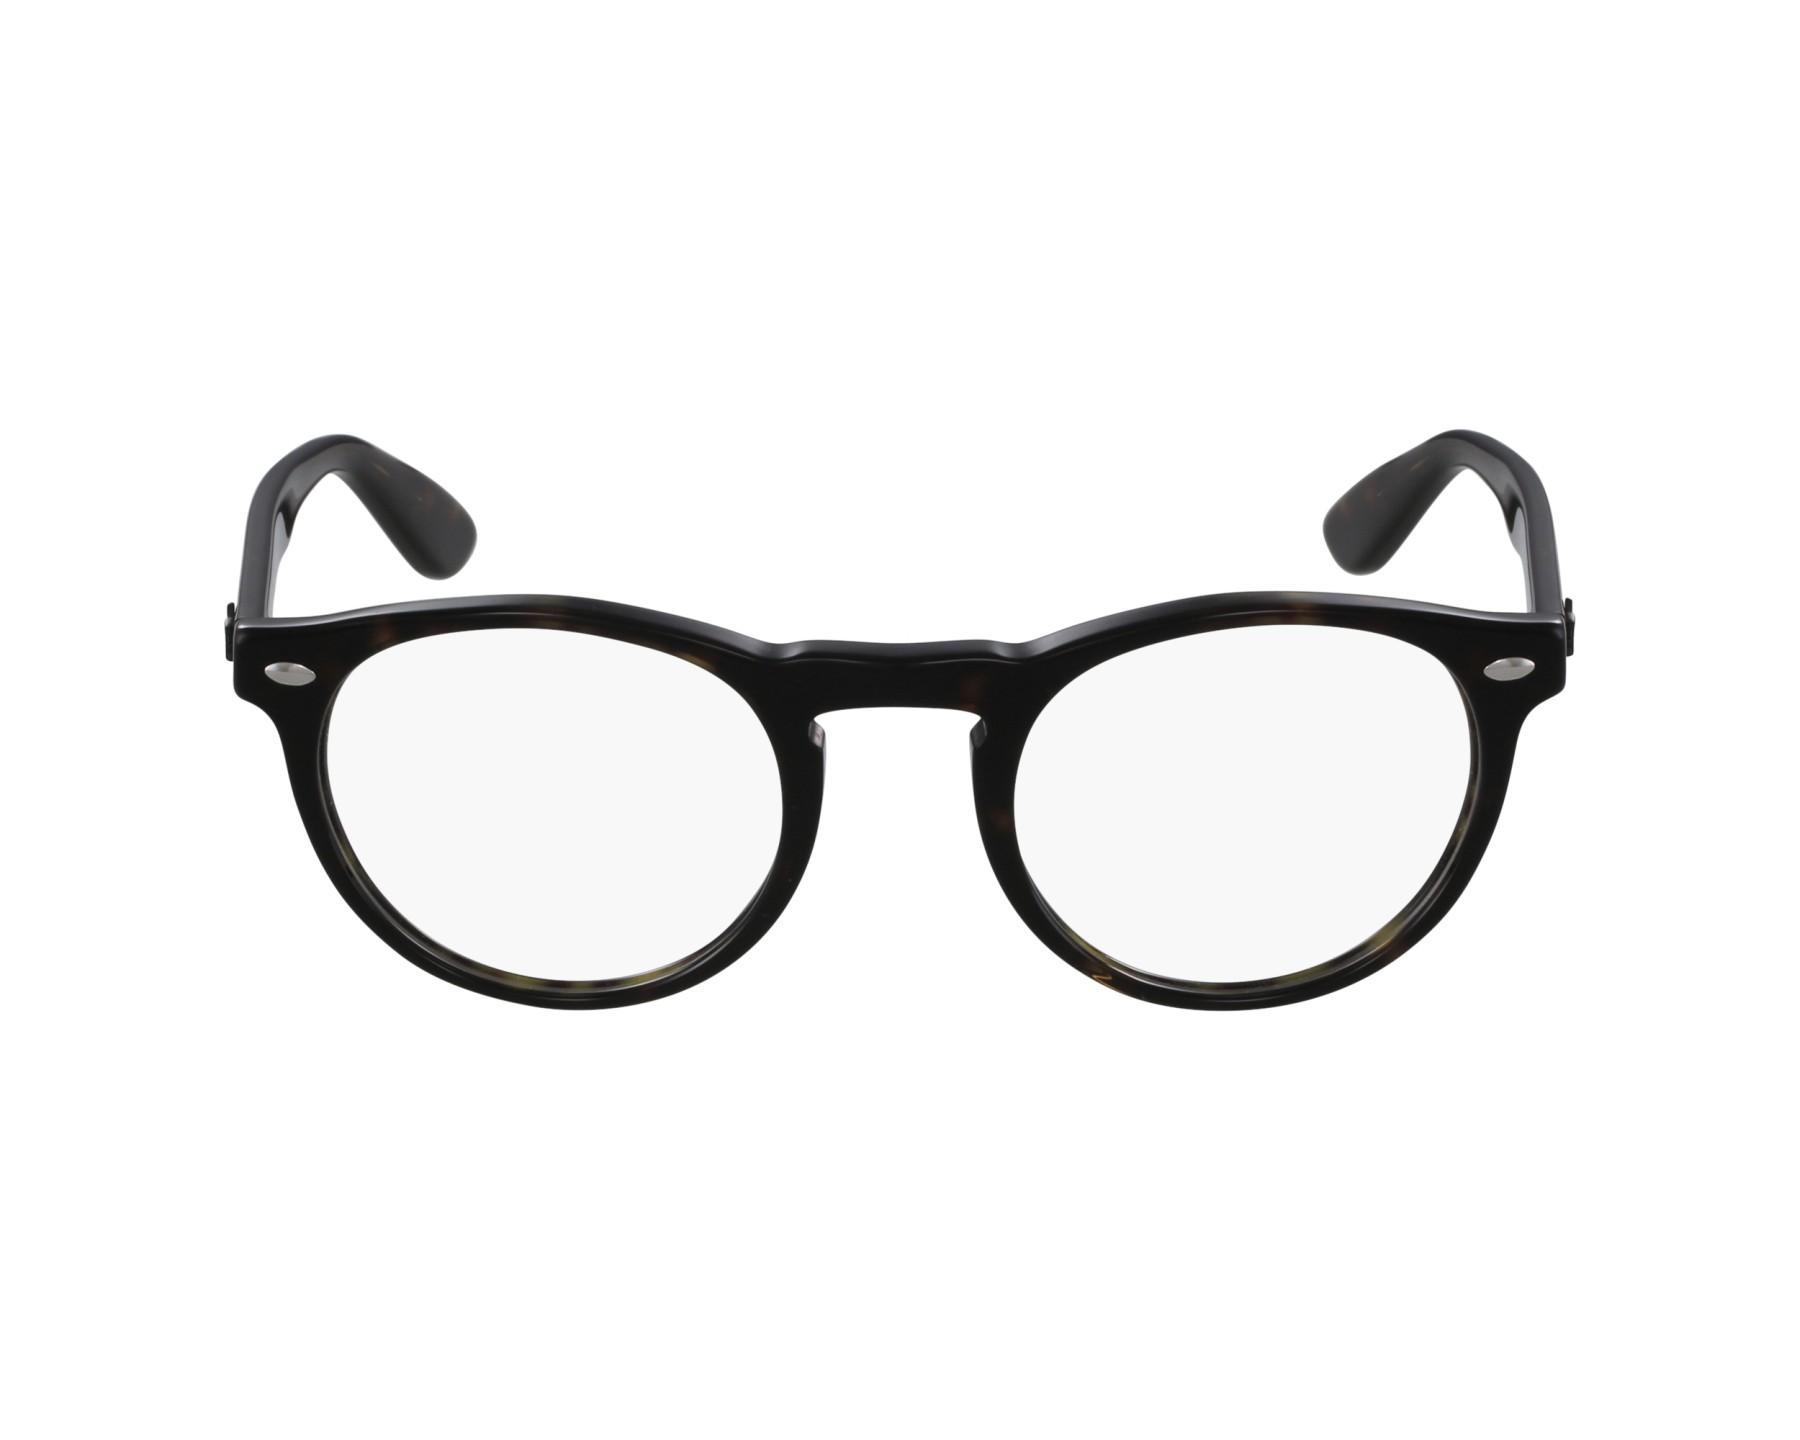 29d923ca3a Gafas Graduadas Ray-Ban RX-5283 2012 47-21 Havana vista de perfil